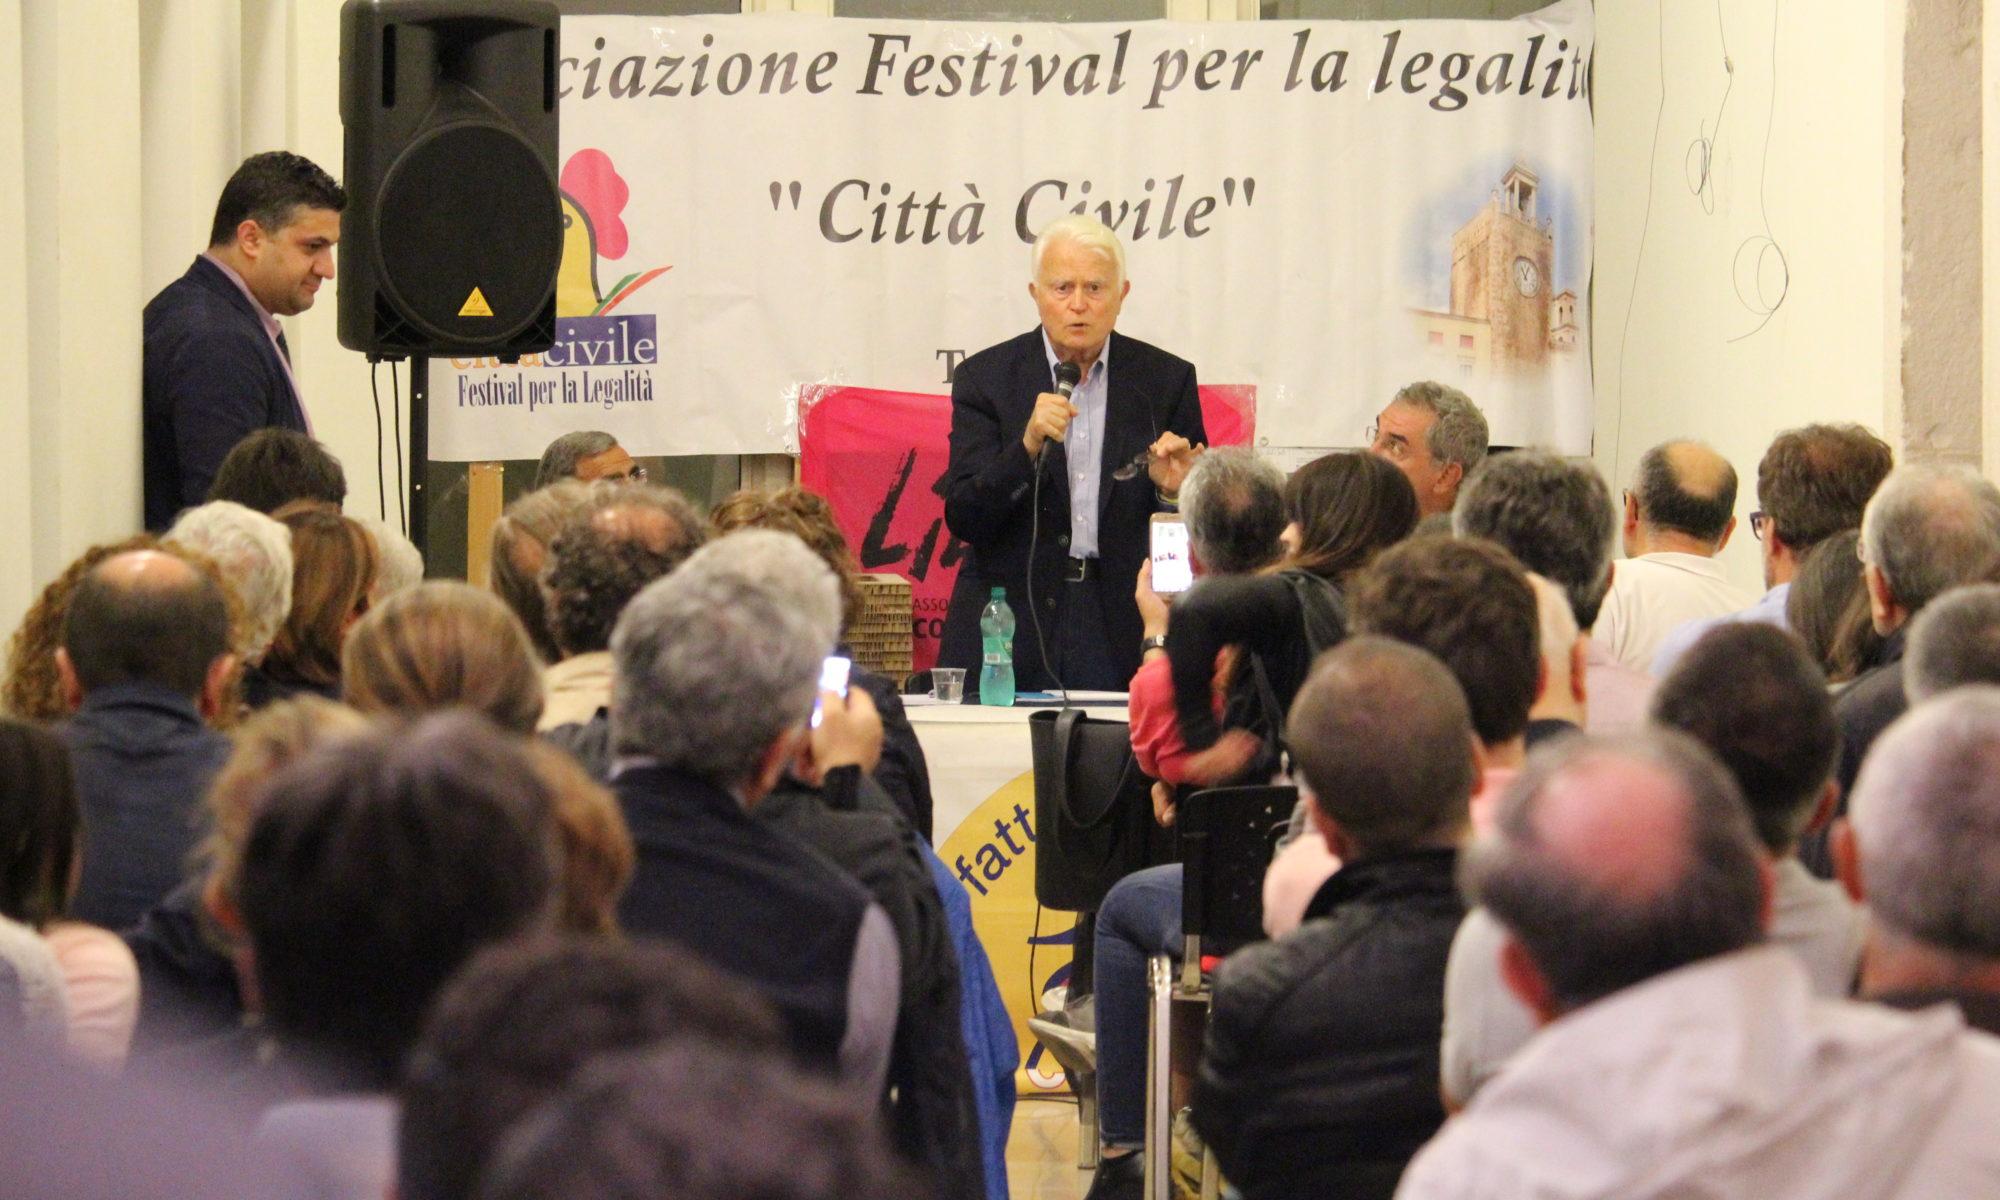 Festival per la legalità